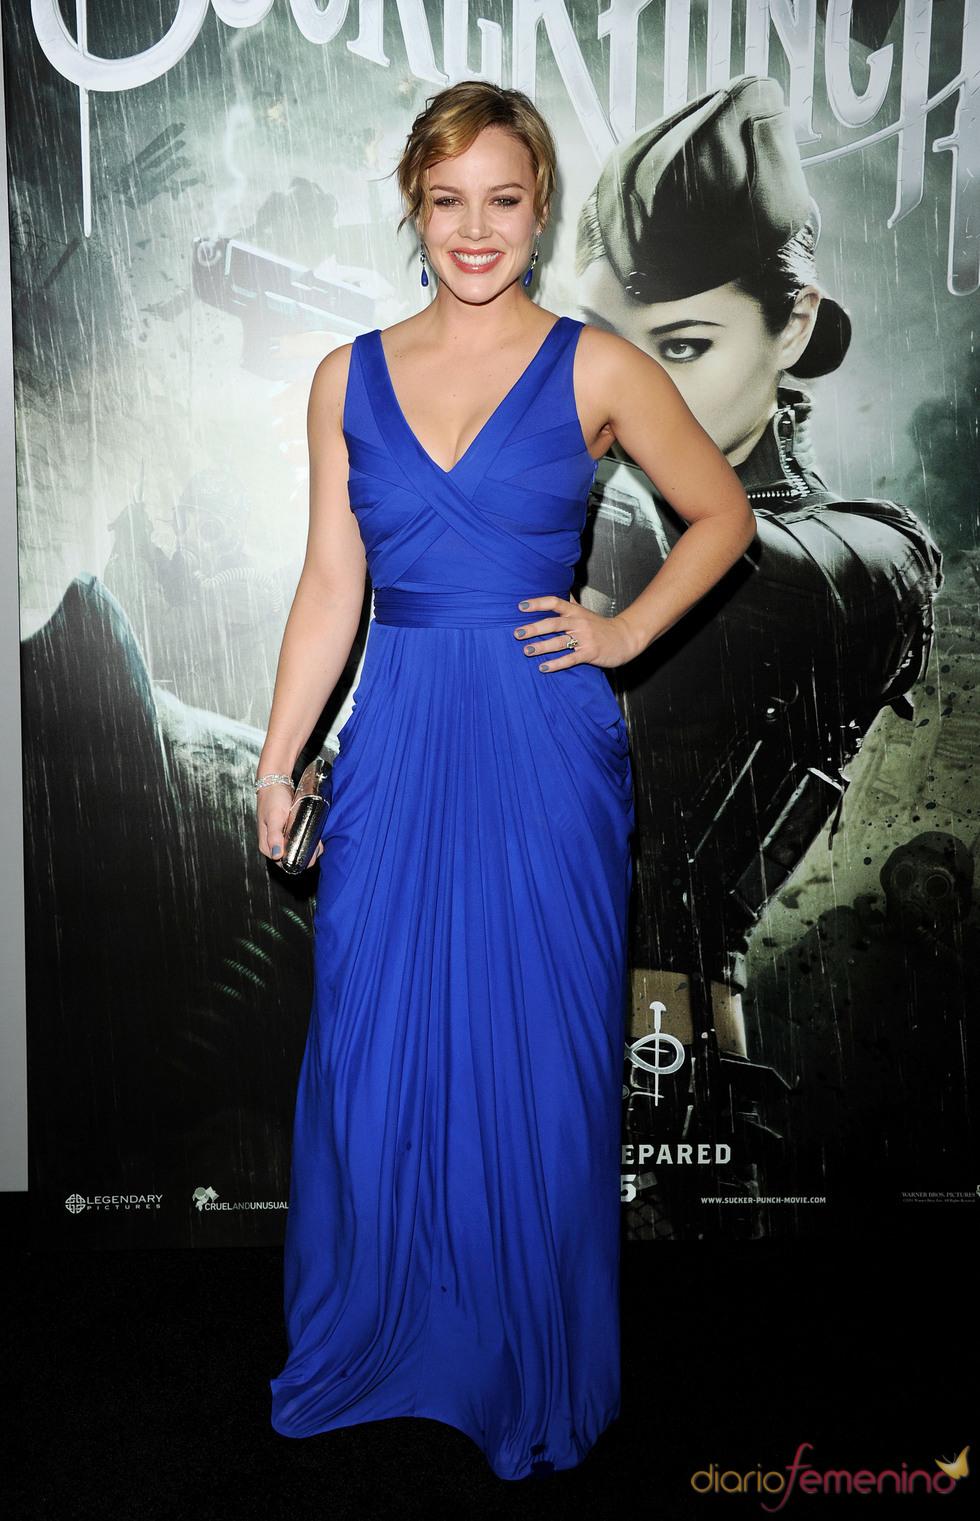 La protagonista Abbie Cornish en la premiere de 'Sucker Punch'